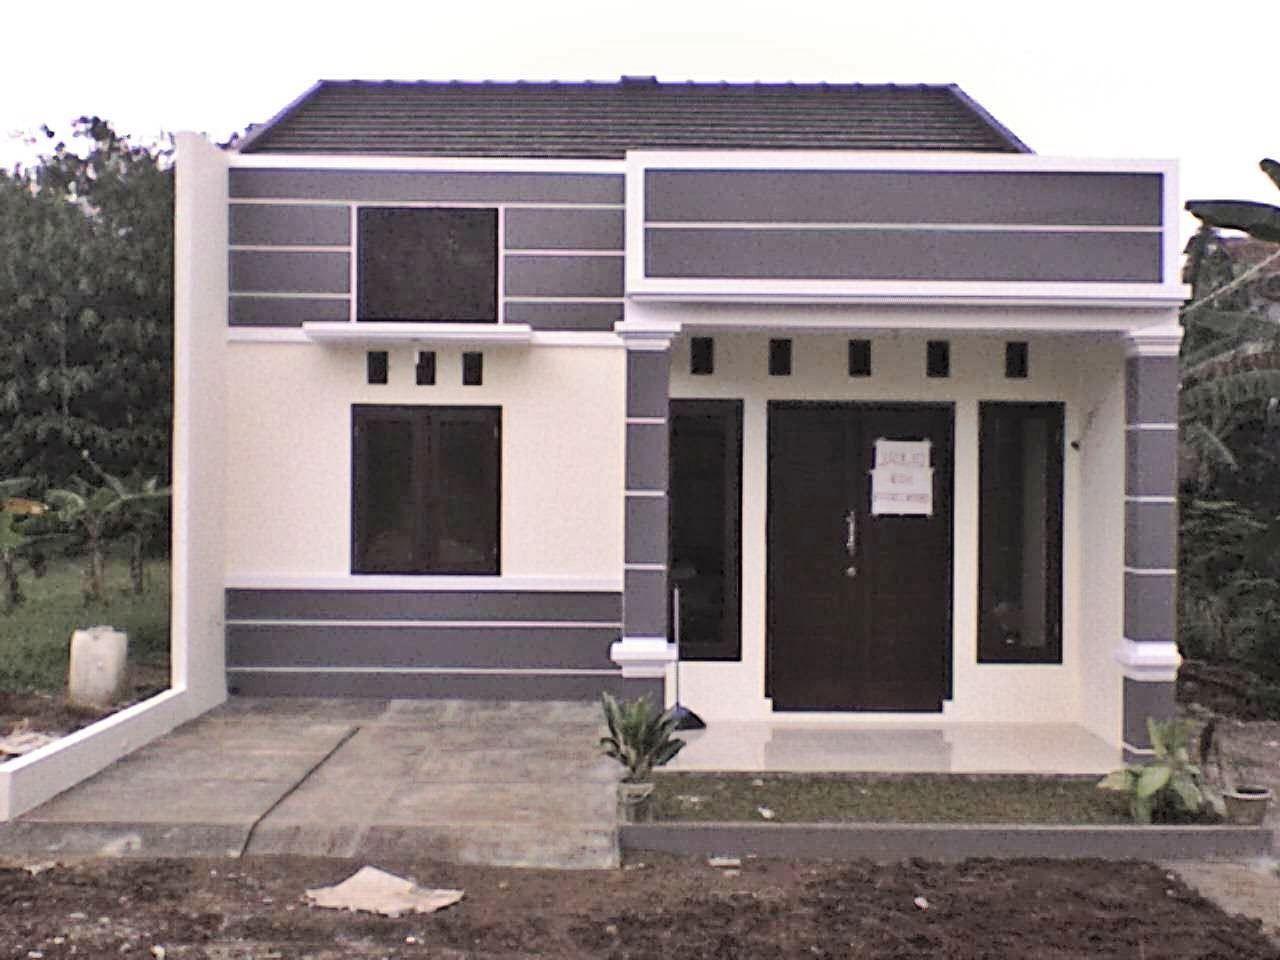 Gambar Desain Rumah Minimalis Type 21 Cek Bahan Bangunan